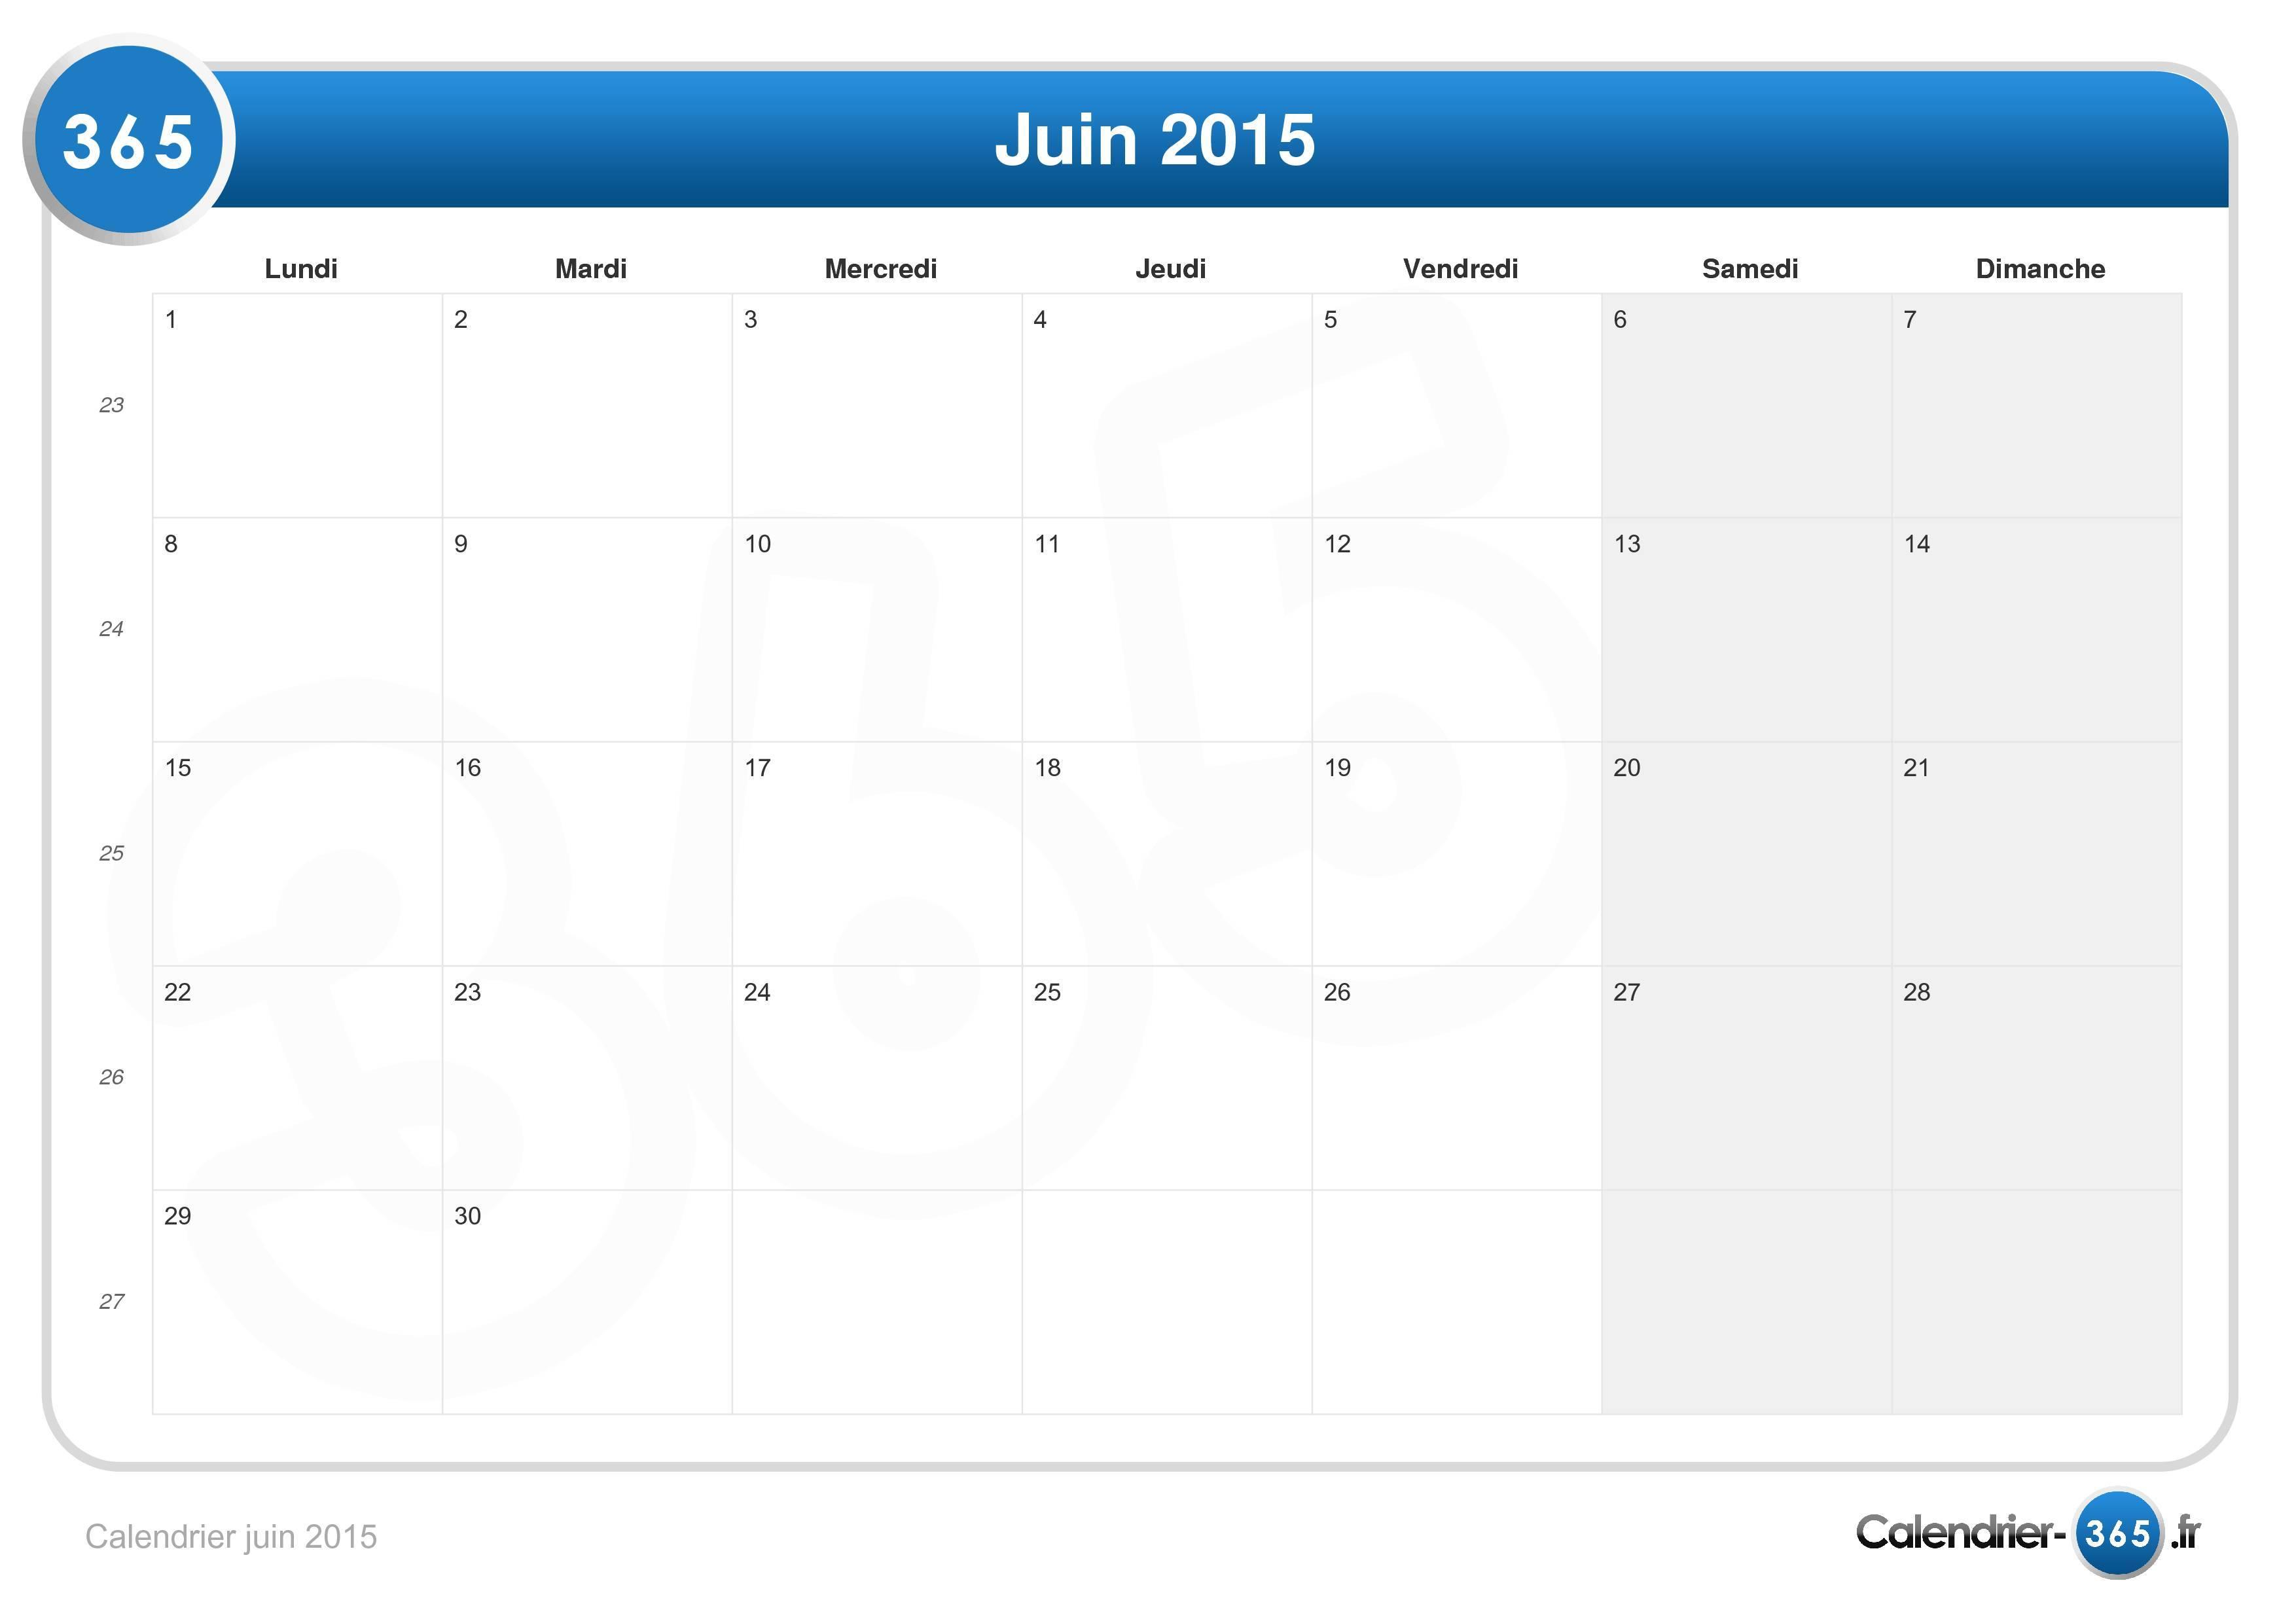 Calendrier juin 2015 - Calendrier des salons 2015 ...